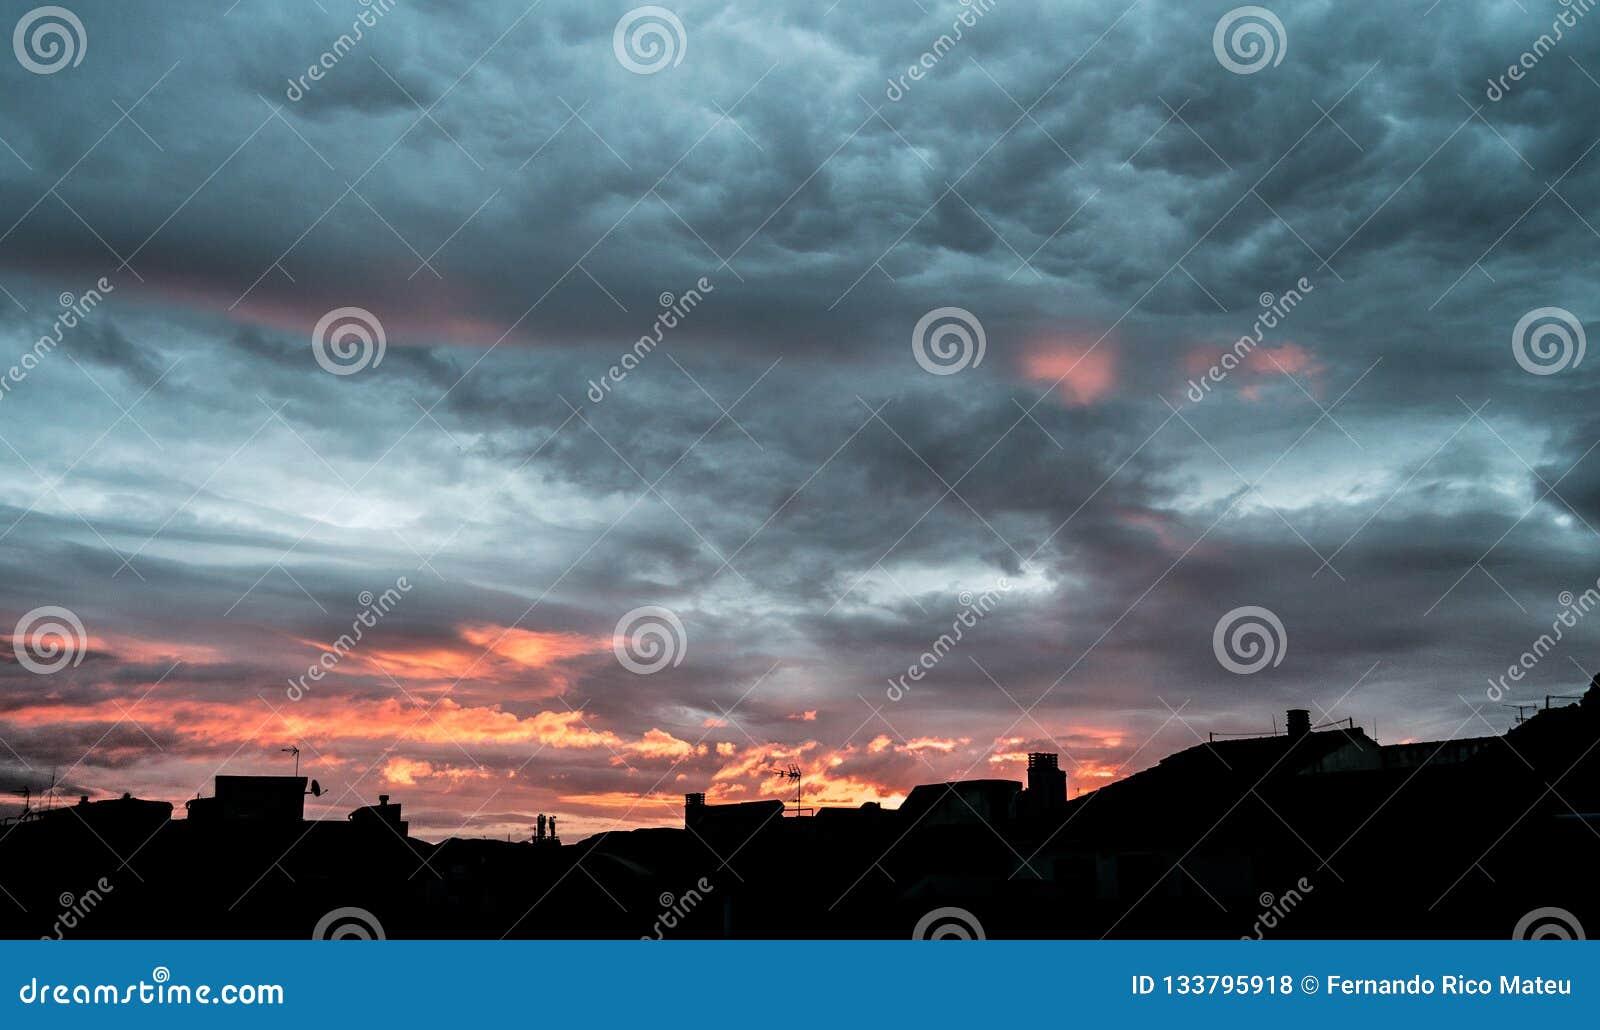 Alba di stupore del cielo nuvoloso Le nuvole drammatiche spaventose della tempesta arancione scuro nella bella alba con muoversi